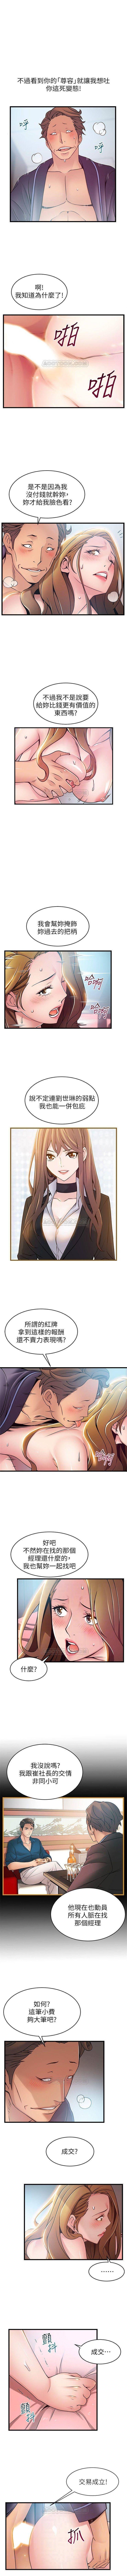 (週7)弱點 1-76 中文翻譯(更新中) 360